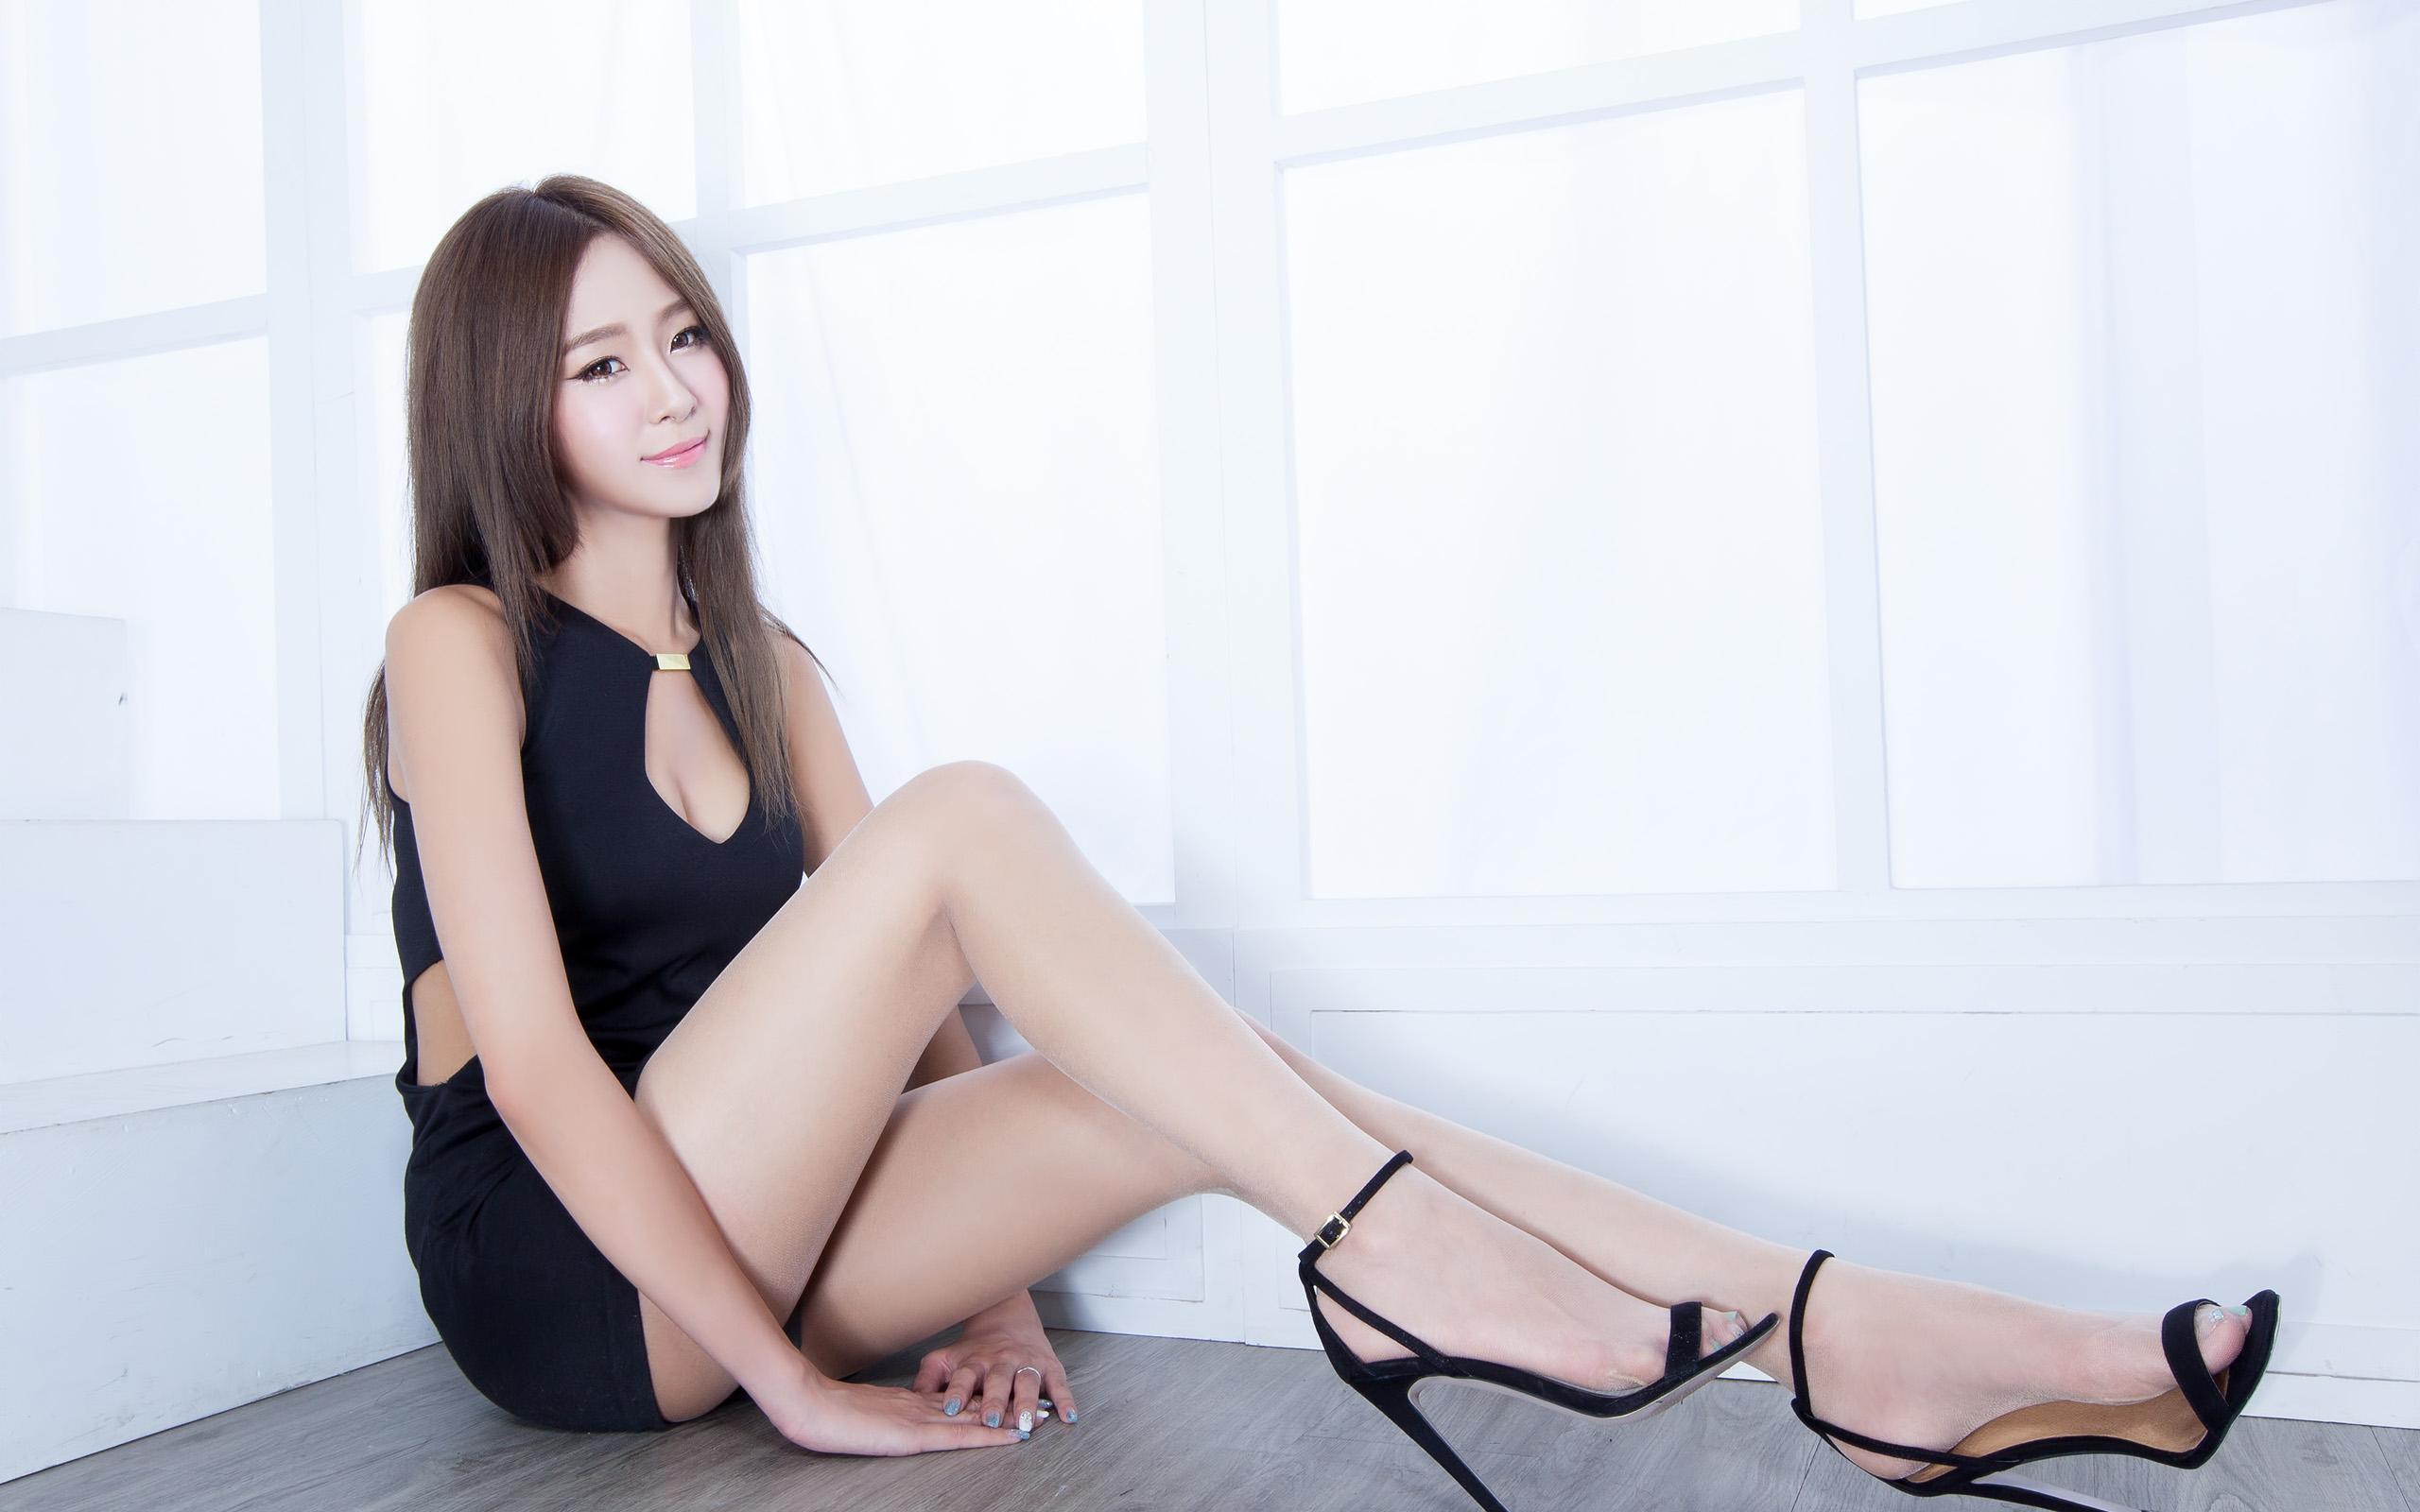 性感美女妈妈网新闻_性感美女美腿丝袜诱惑妩媚撩人写真_图片新闻_东方头条